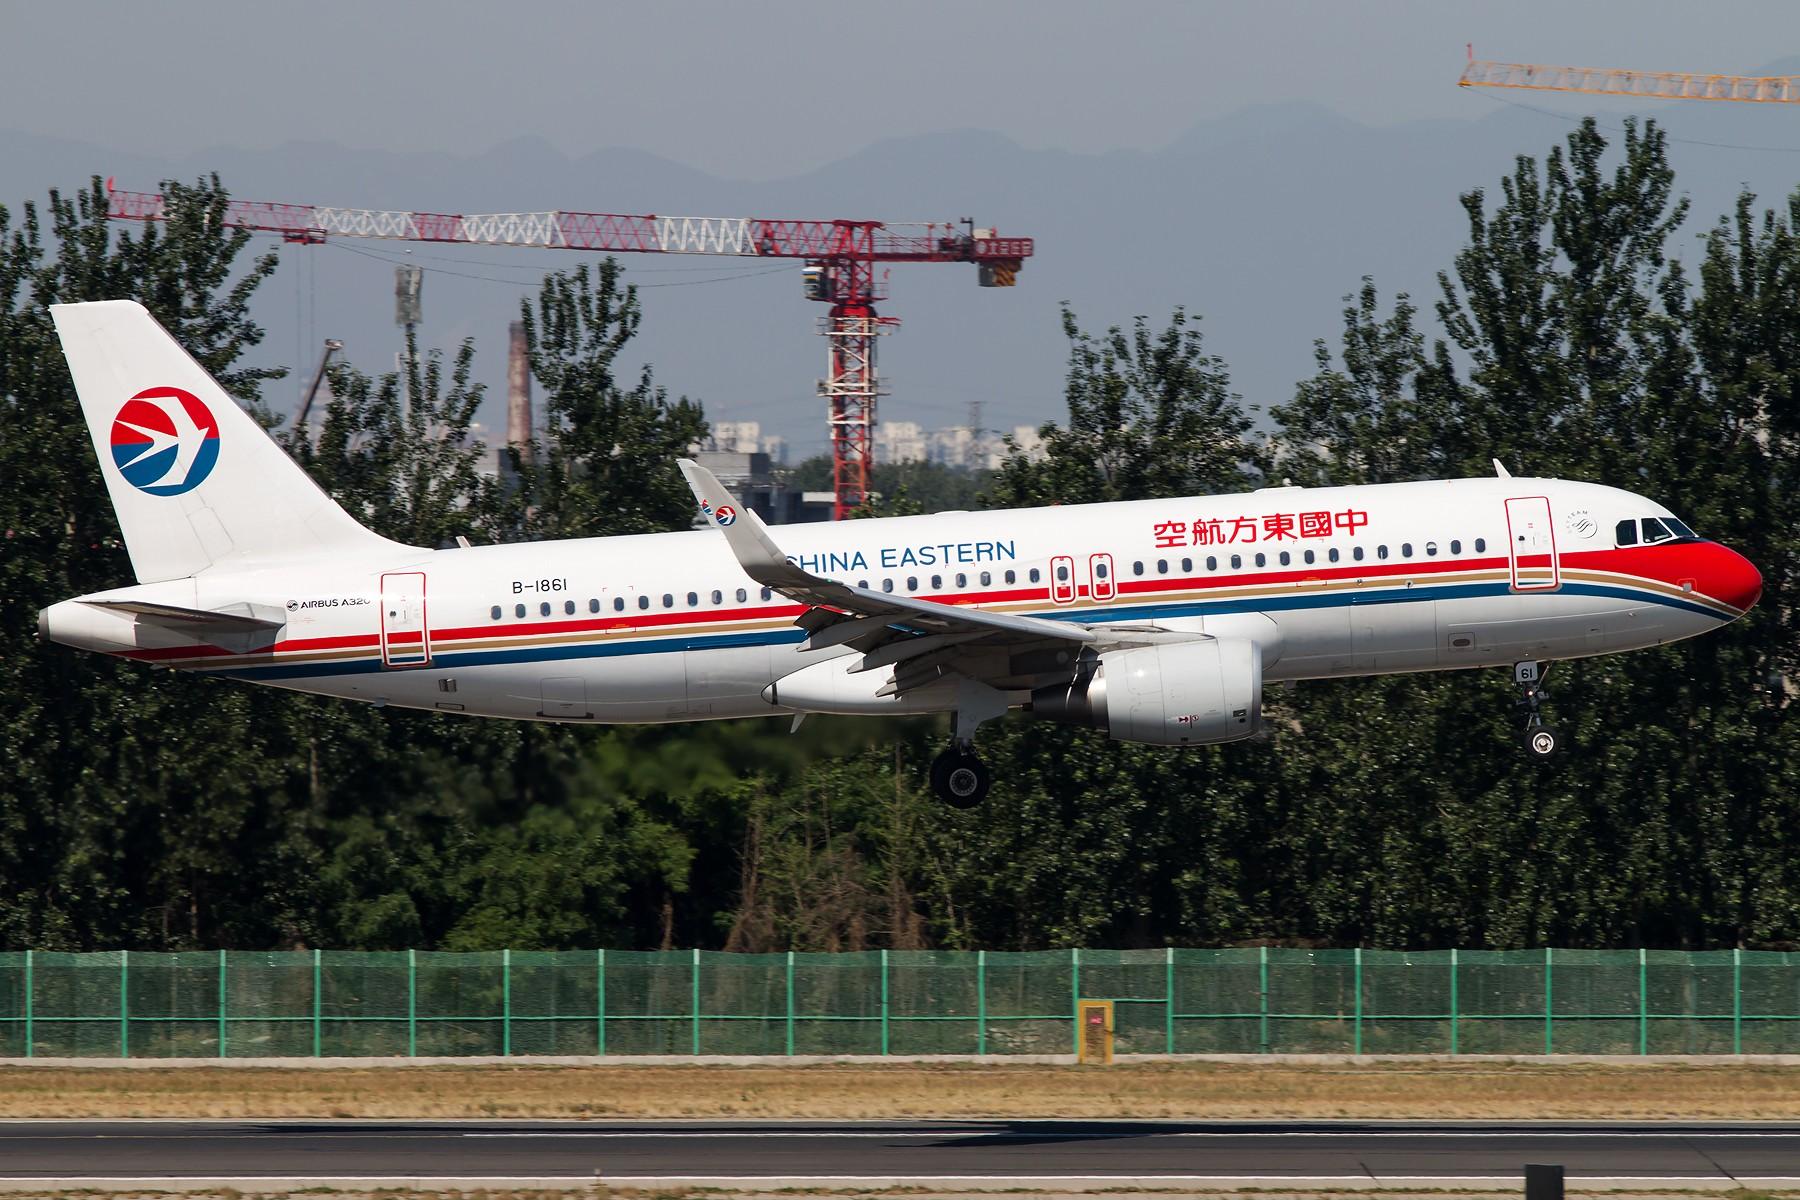 Re:[原创]三大航普通装 1800*1200 [10pics] AIRBUS A320-200 B-1861 中国北京首都国际机场